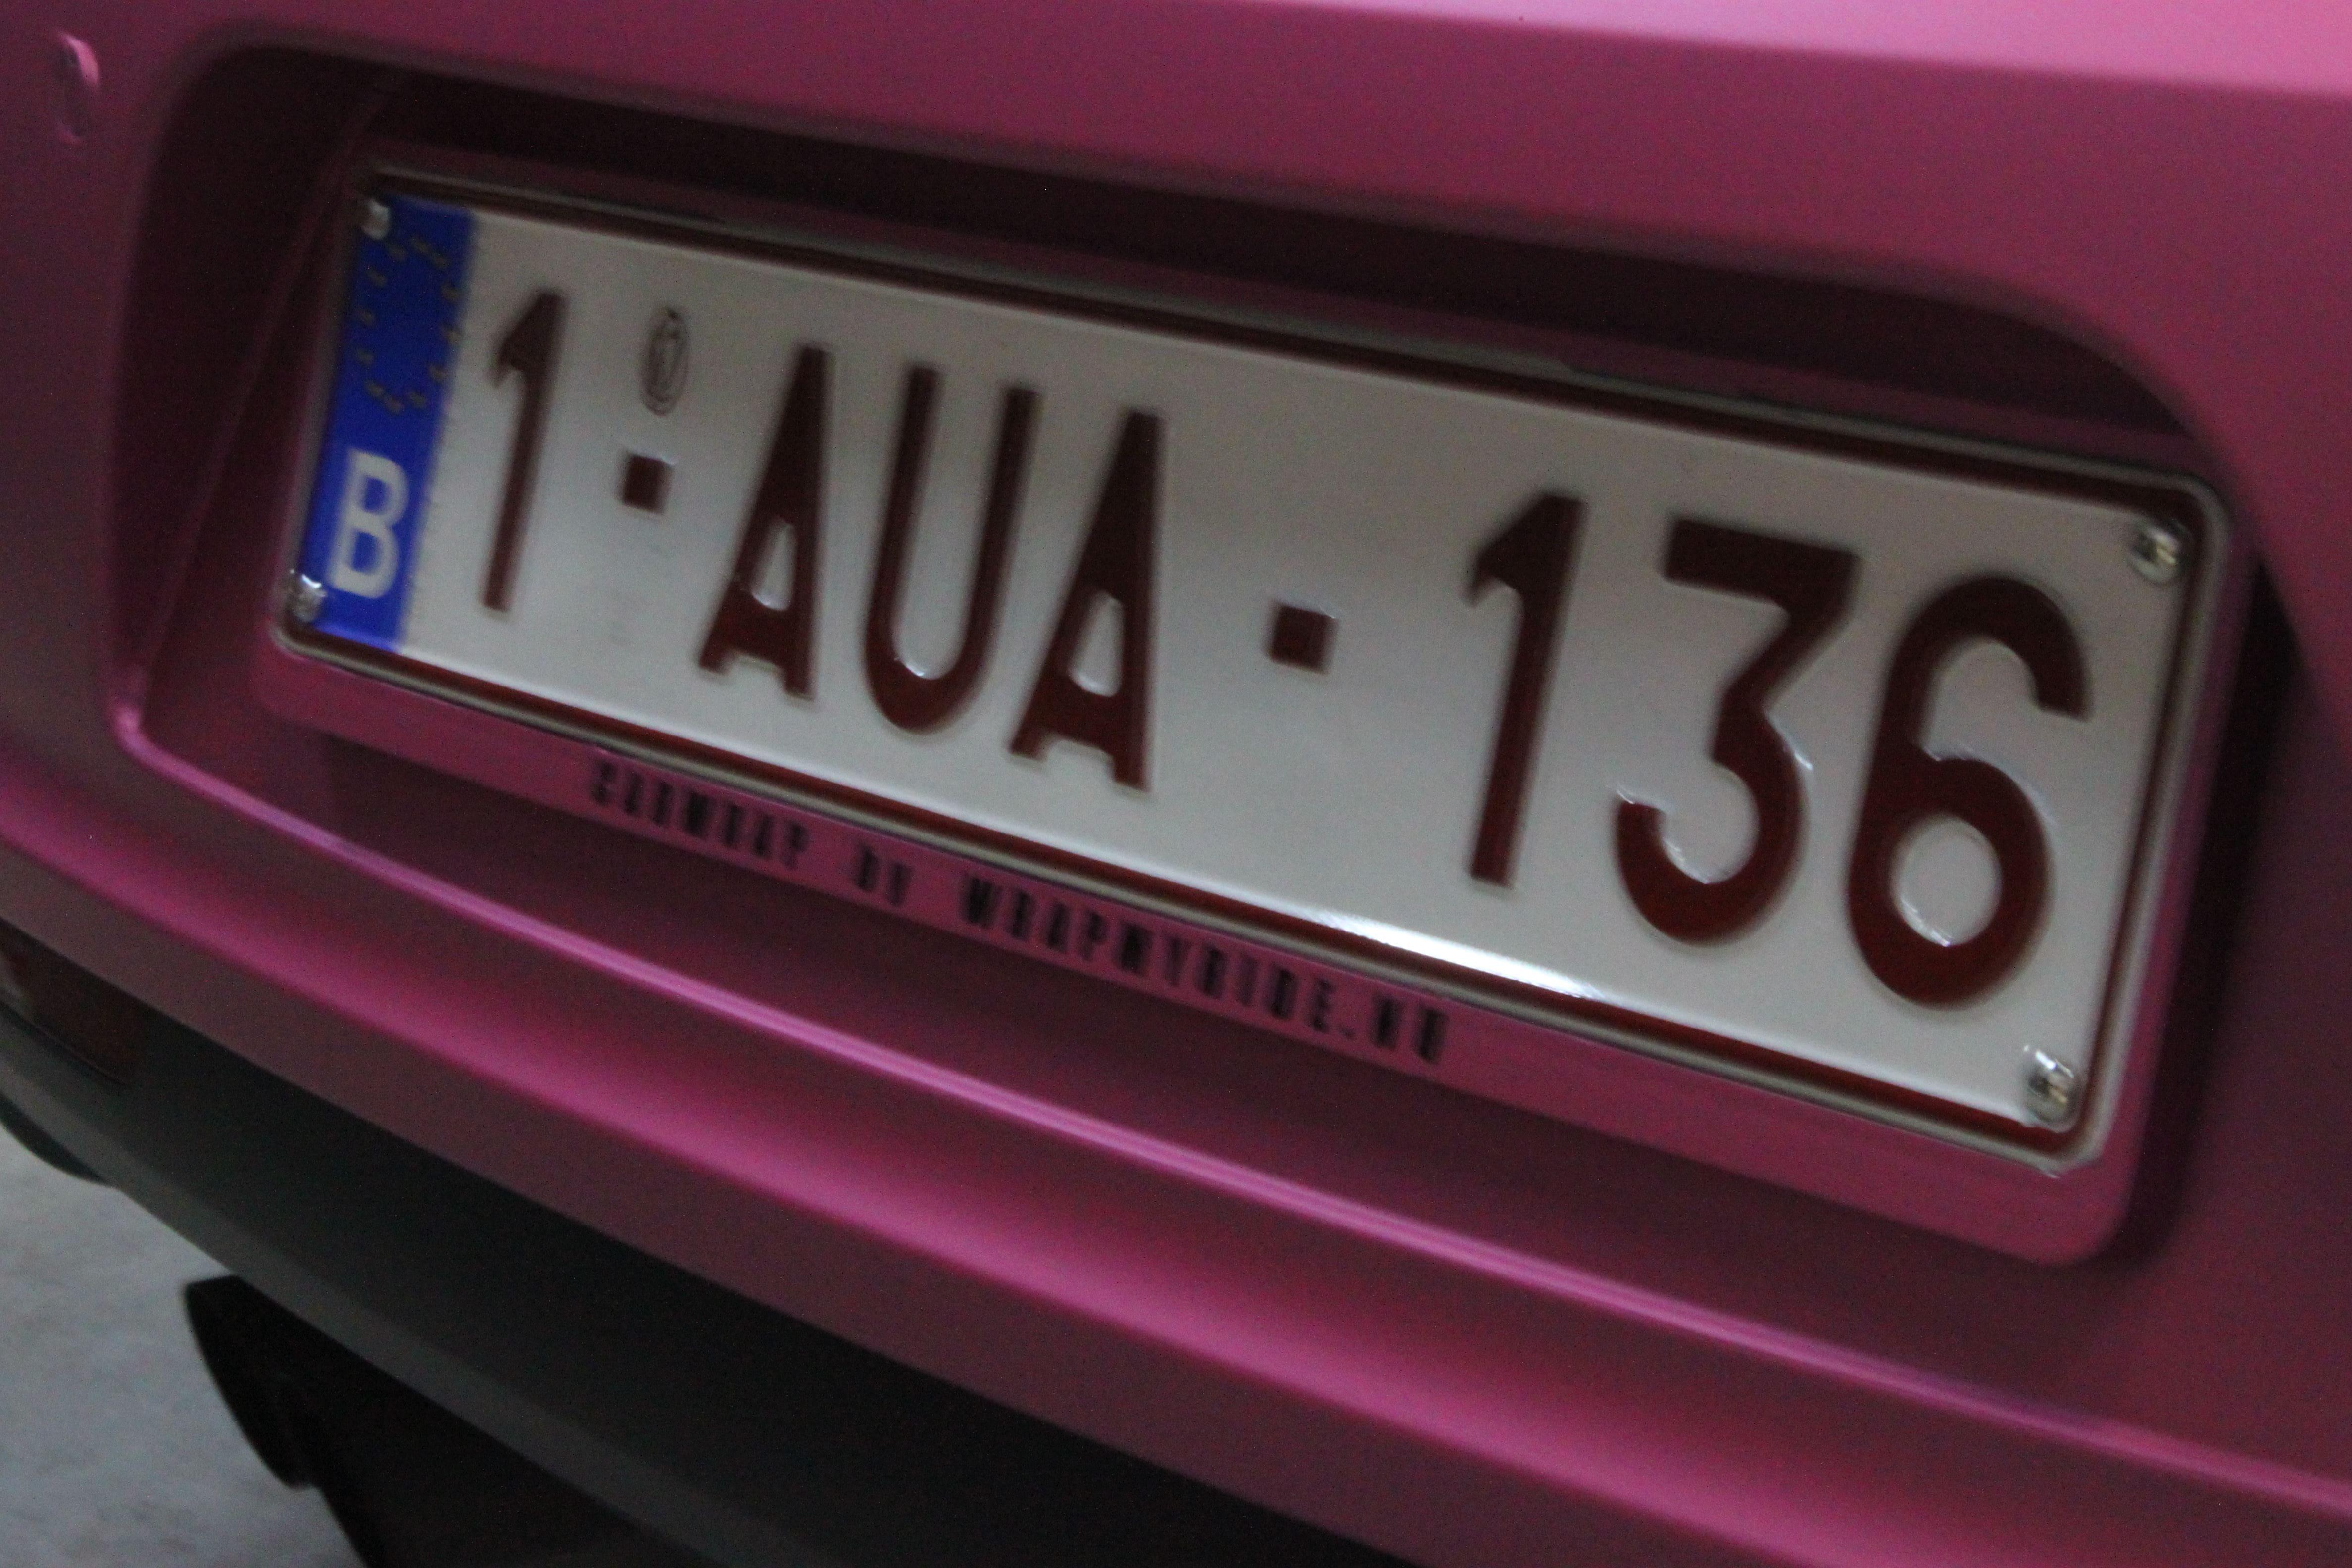 Volkswagen Scirocco met Mat Metallic Roze Warp, Carwrapping door Wrapmyride.nu Foto-nr:6985, ©2021